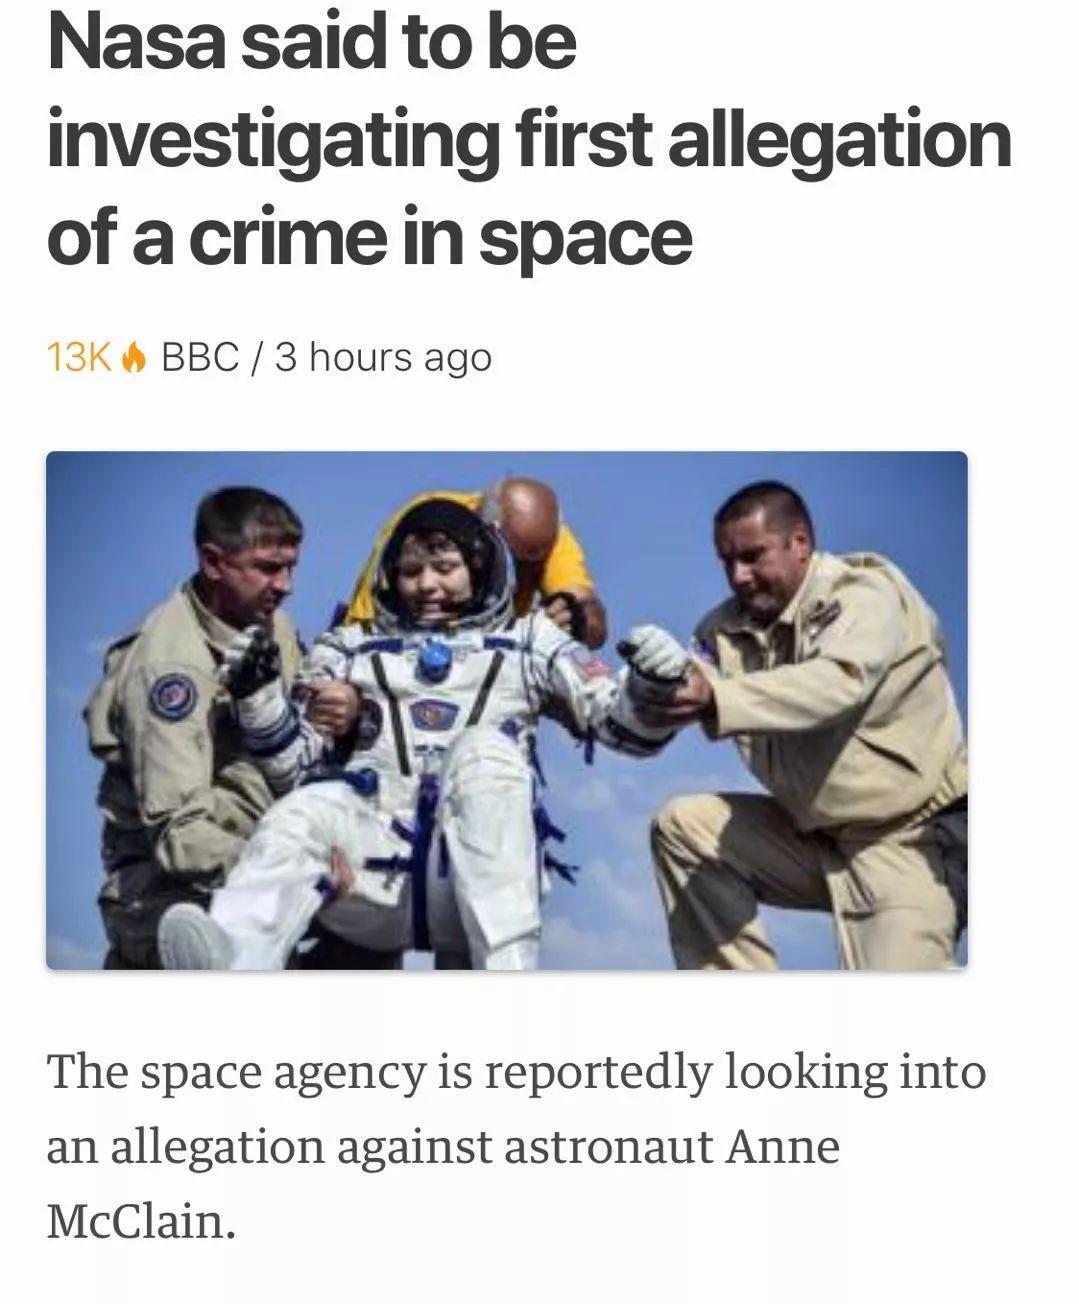 太空盗窃银行账户是怎么做到的 有太空法可以判决吗